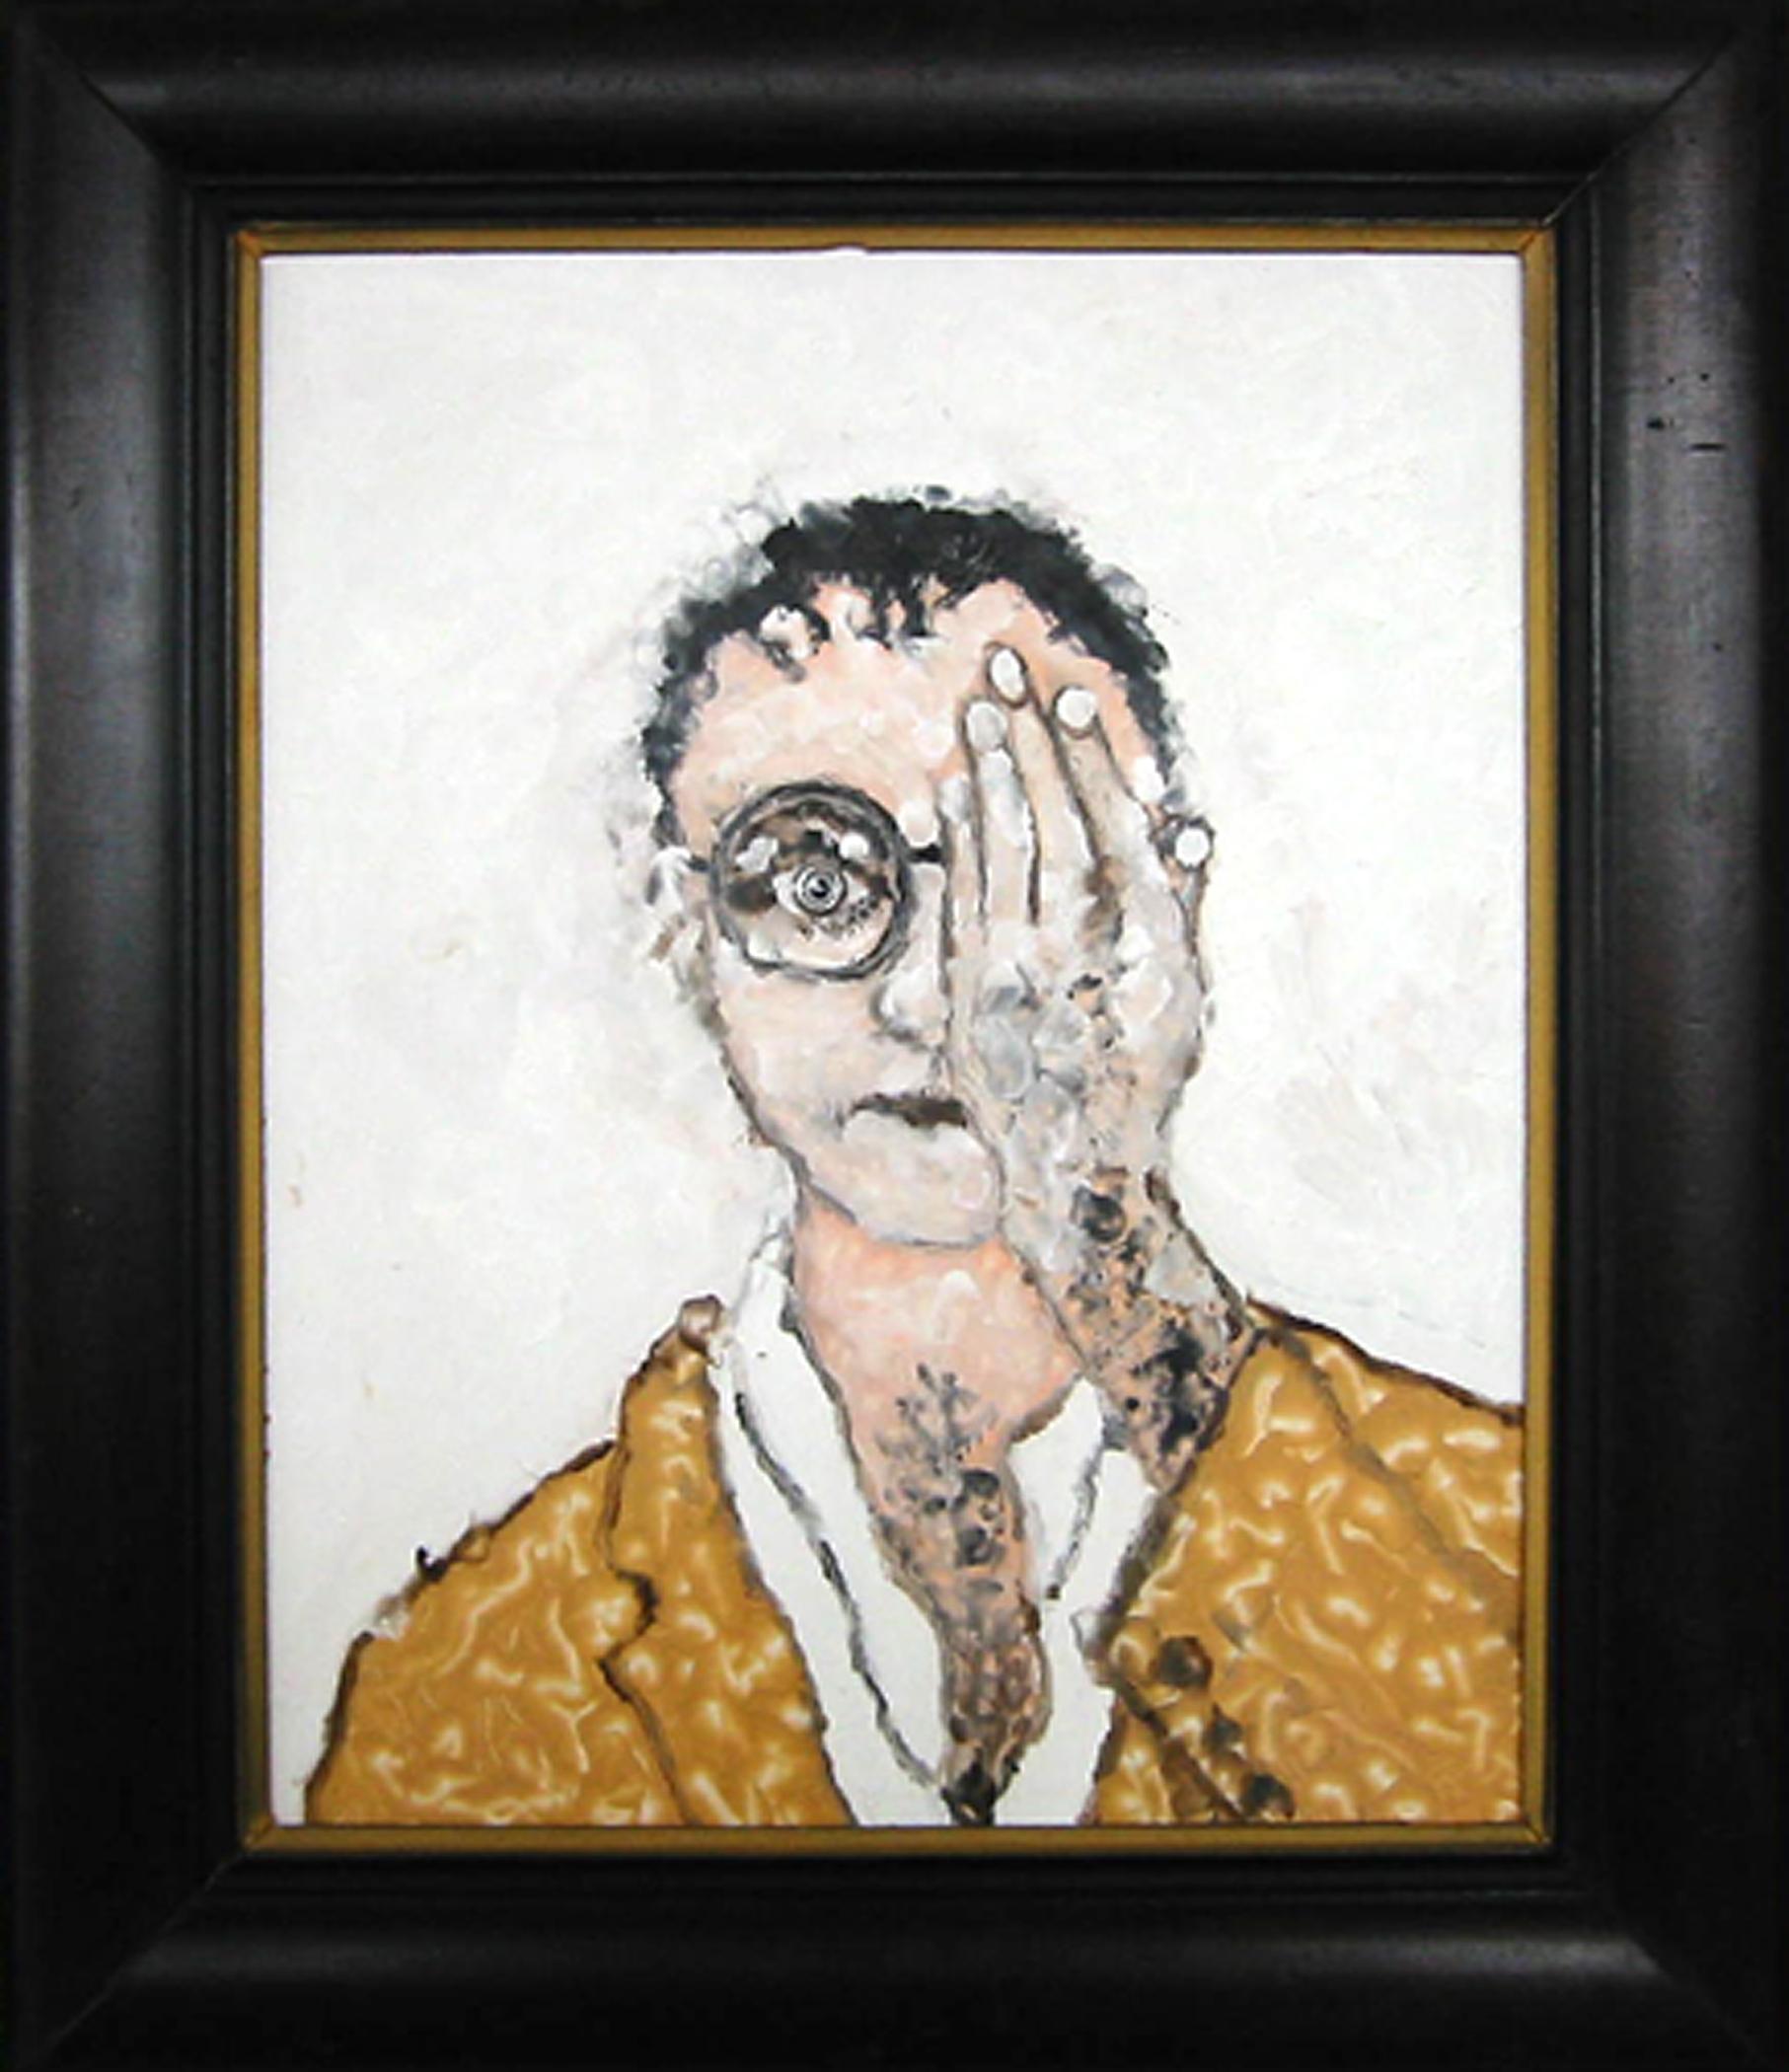 """Autoportrait, 2002, huile sur bois / oil on wood, encadré / framed, 24""""x 28"""", 61 x 71 cm."""